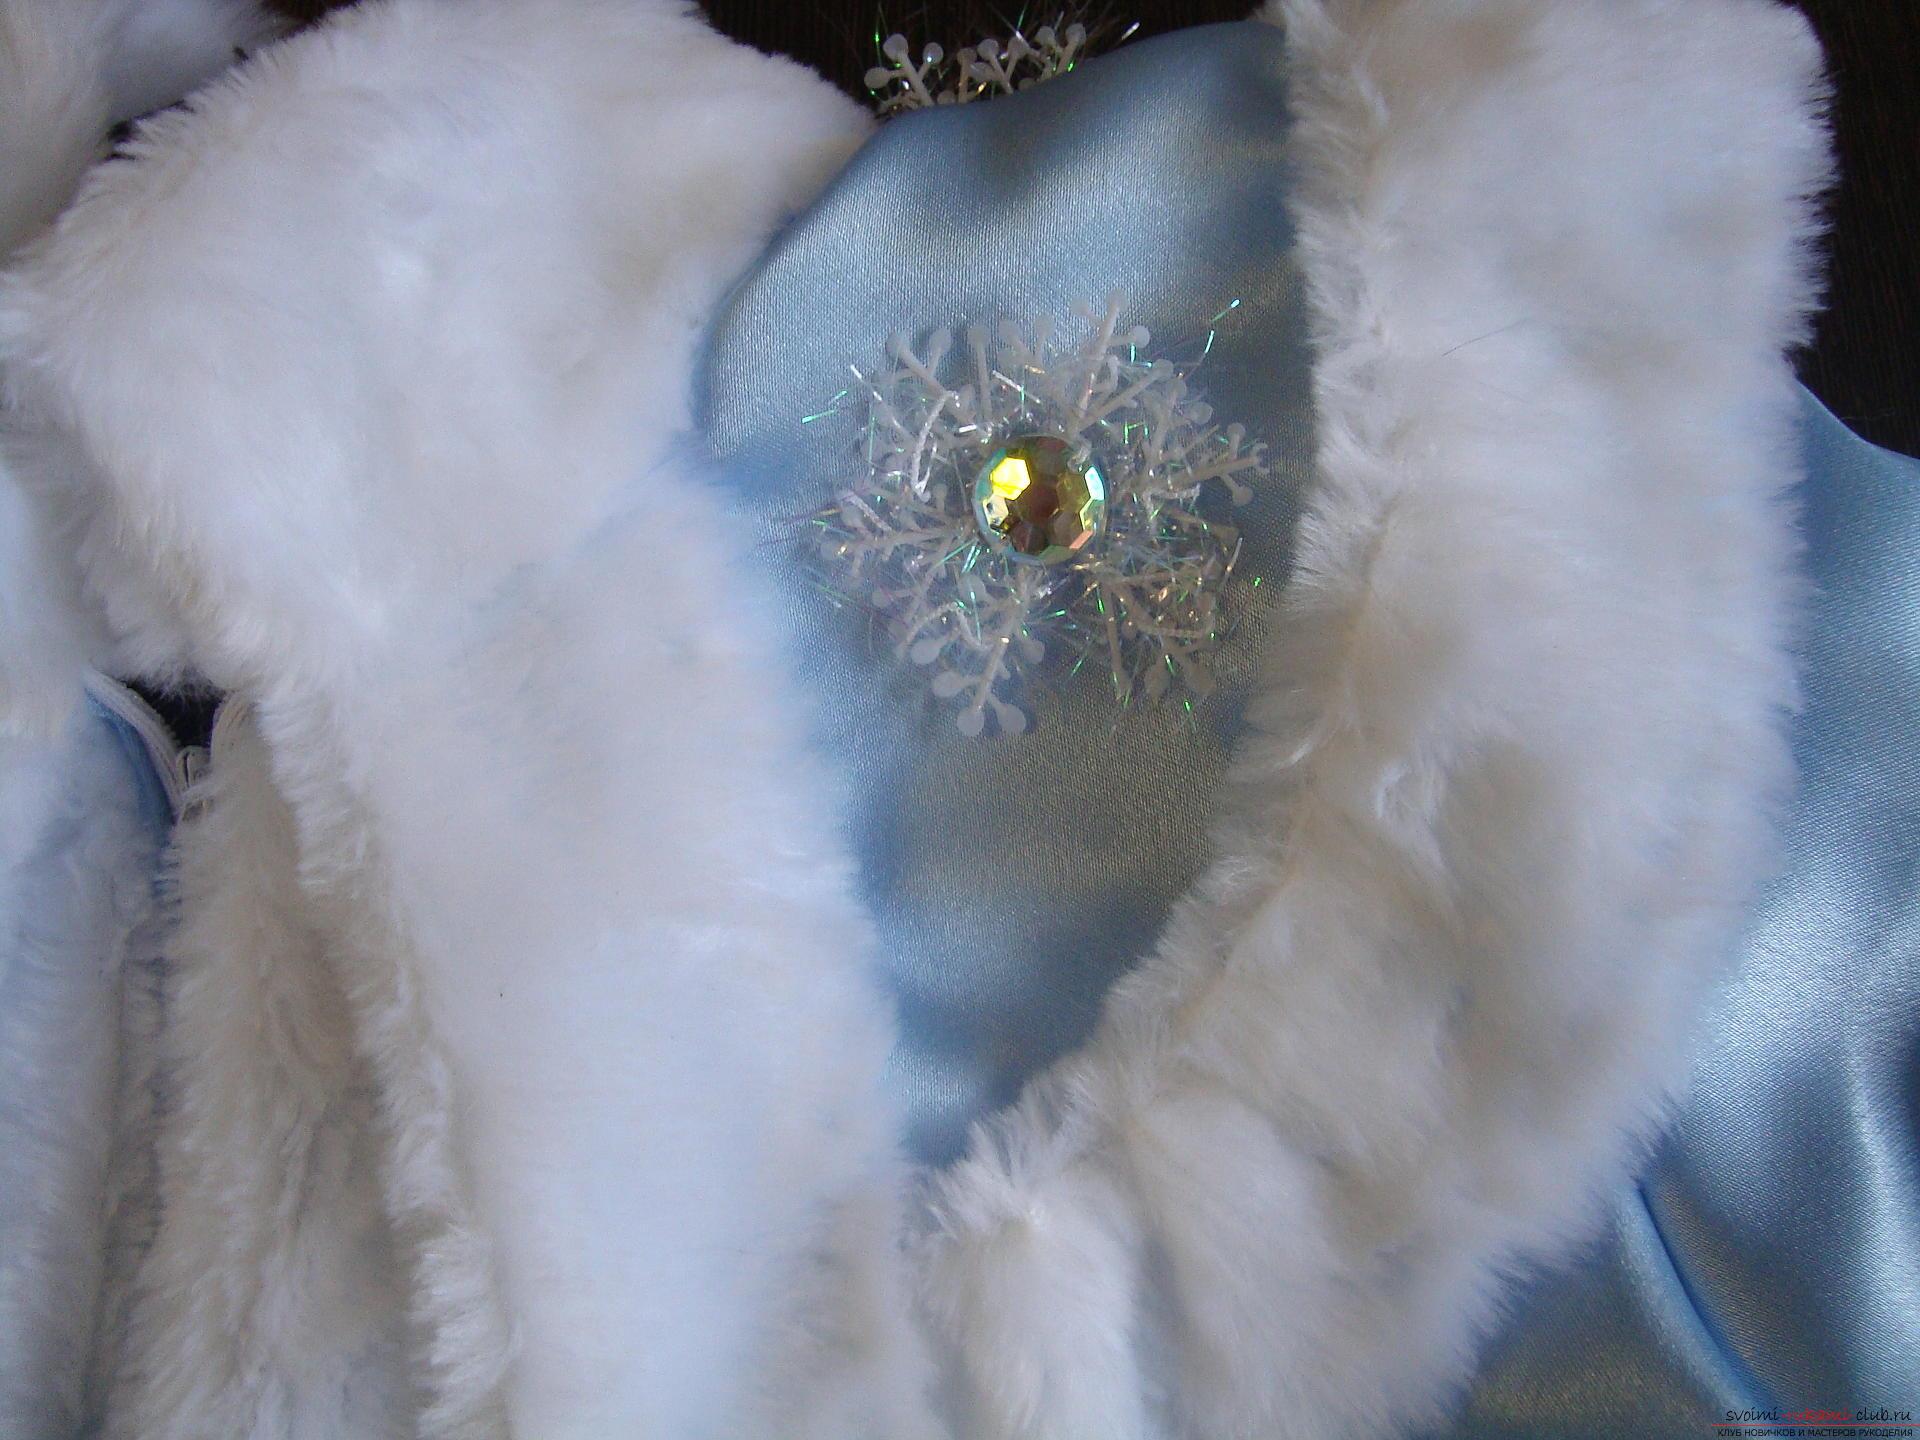 Карнавальные костюмы для девочки мама может сшить своими руками. Костюм Снегурочка понравится многим девочкам.. Фото №19